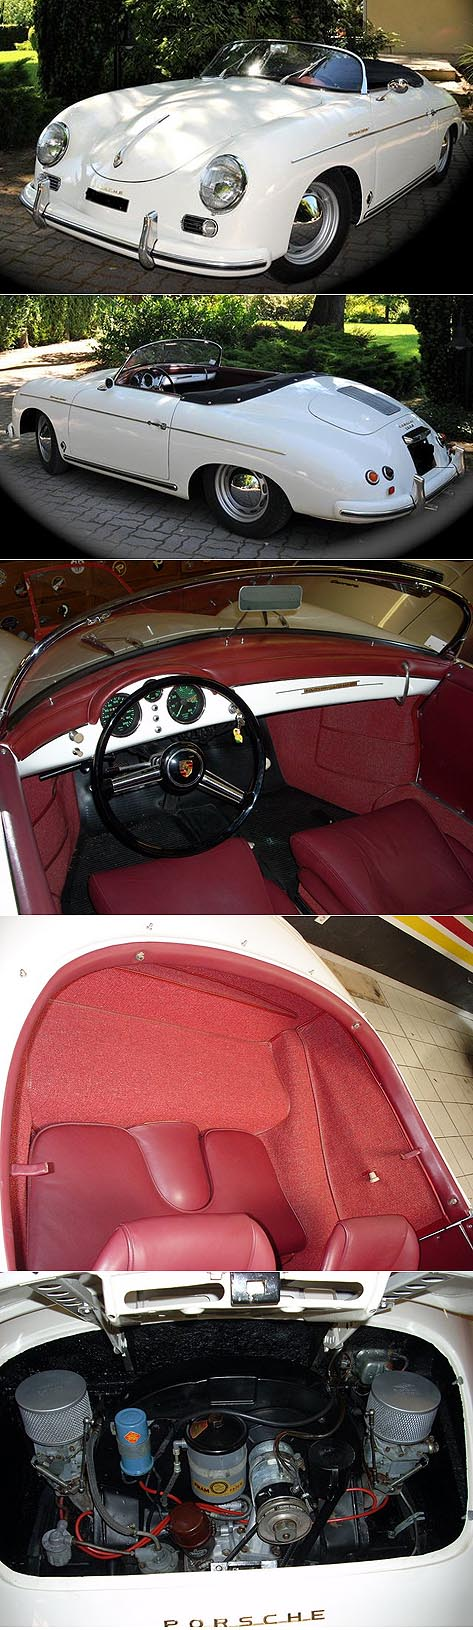 PORSCHE 356 speedster - 1955 A2624210